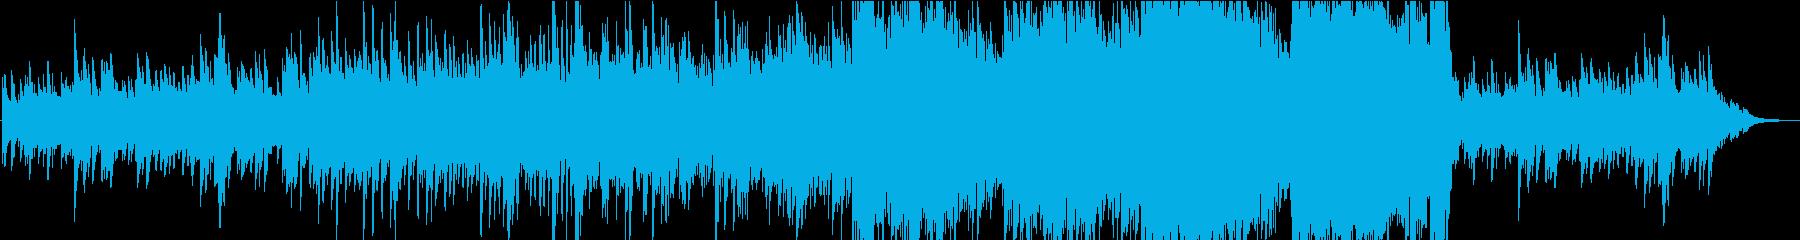 新世紀交響楽団 新世紀室内楽 ポジ...の再生済みの波形